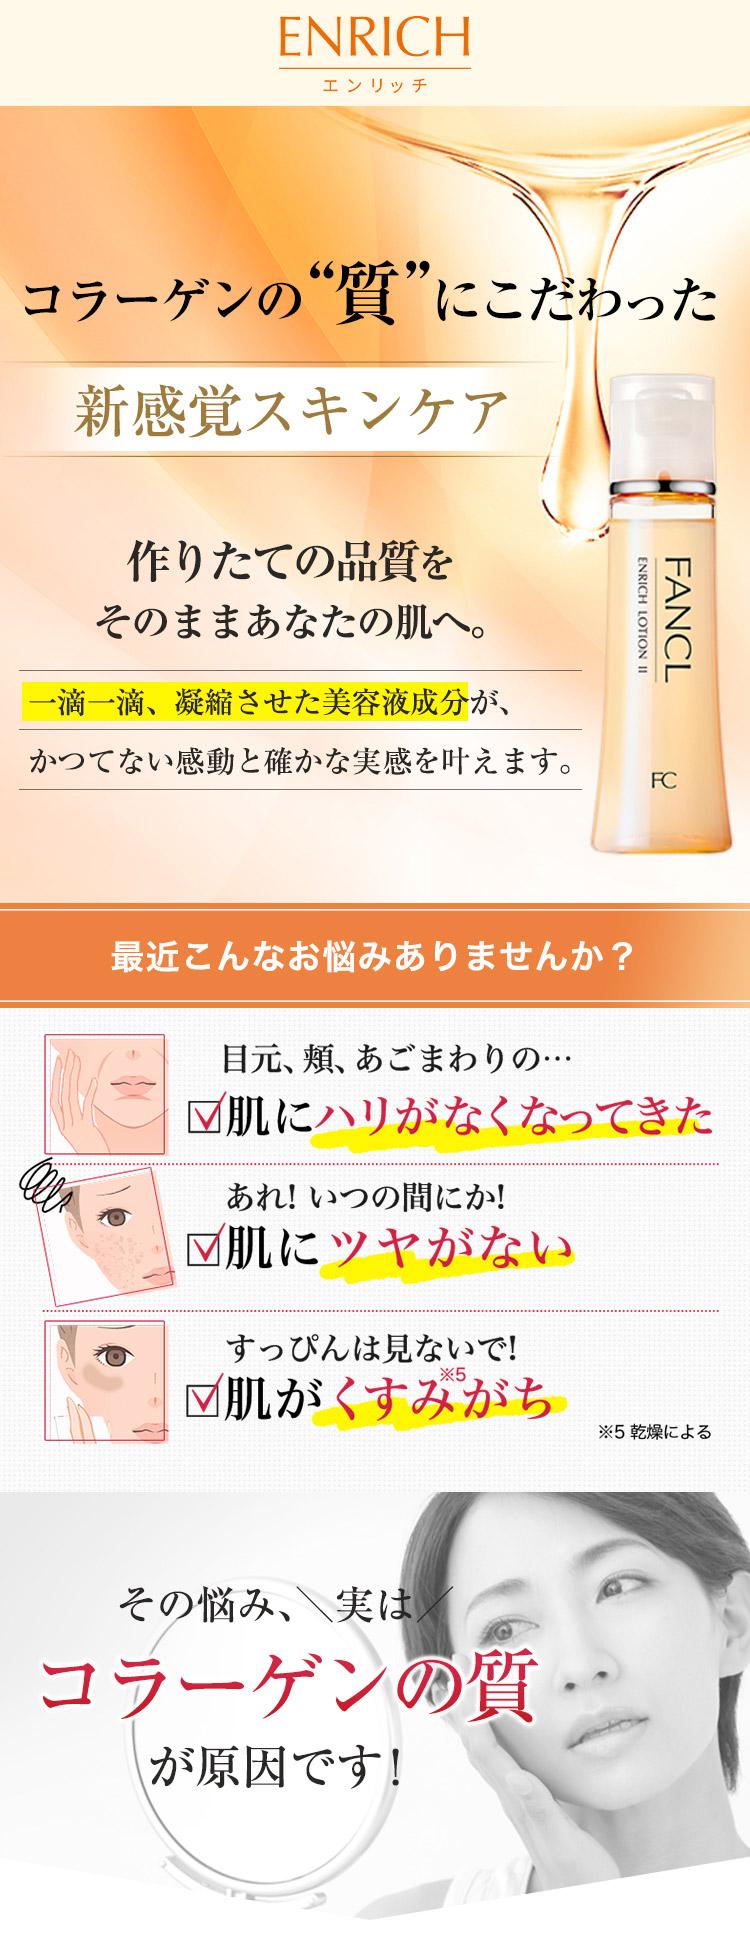 エンリッチ化粧液・乳液 コラーゲンの質